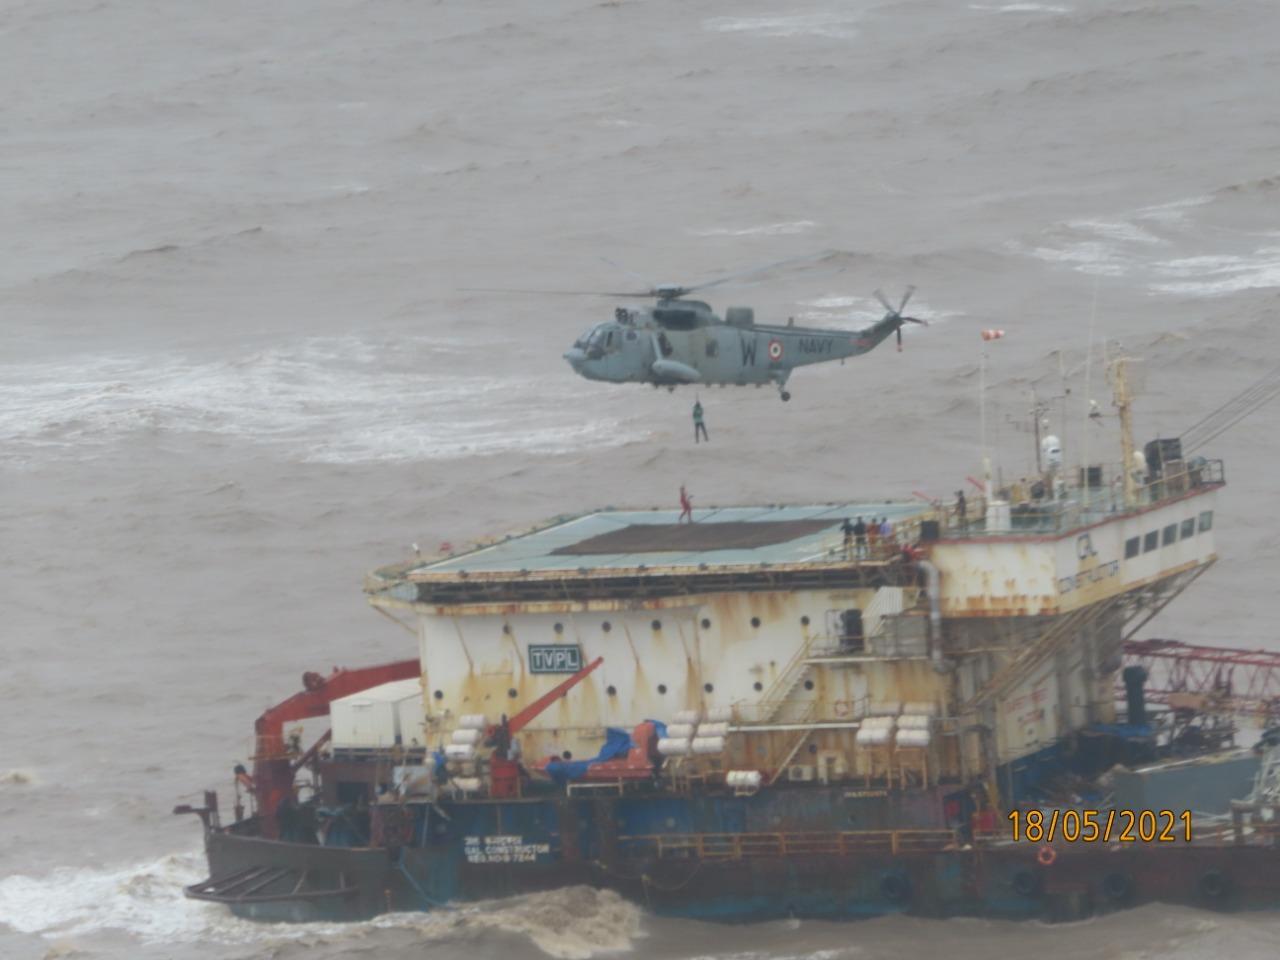 ताऊते के कहर से समुद्र में फंसी दो जहाज में से एक डूबी, 93 लोग अभी भी लापता